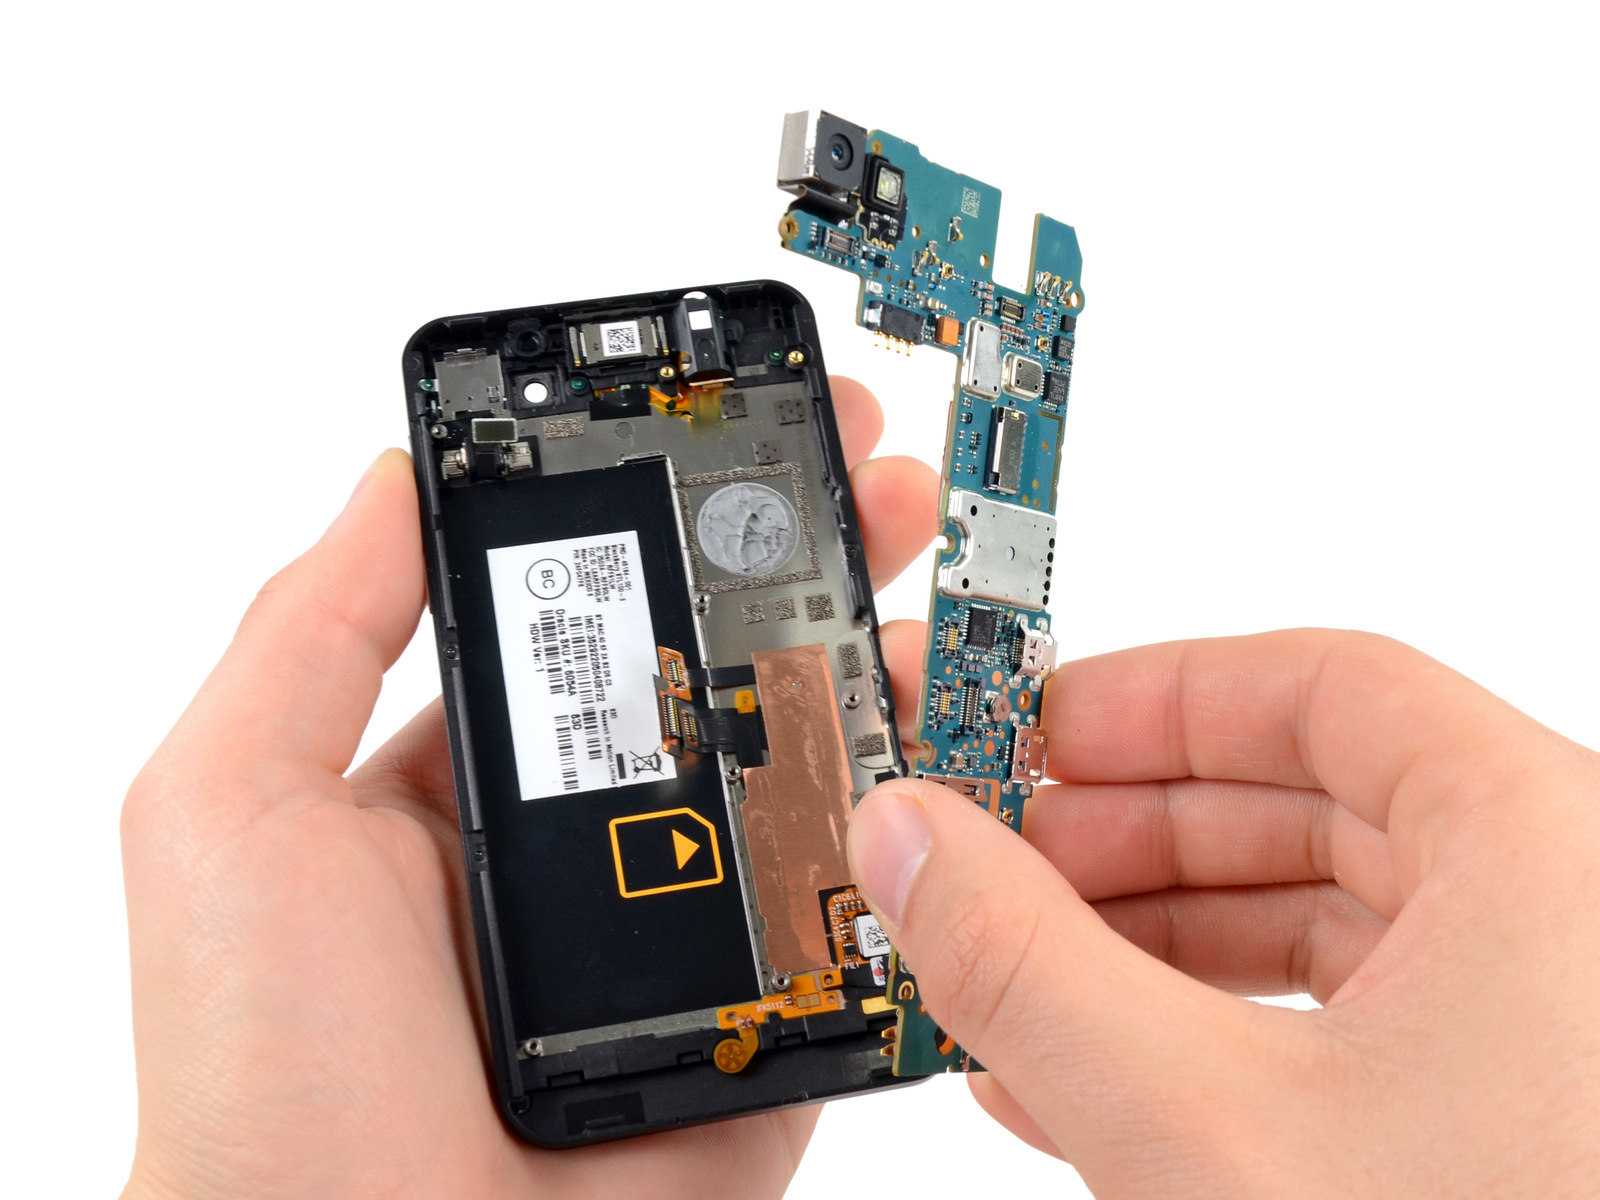 Cell phone blocker for cars , phone blocker for blackberry z10